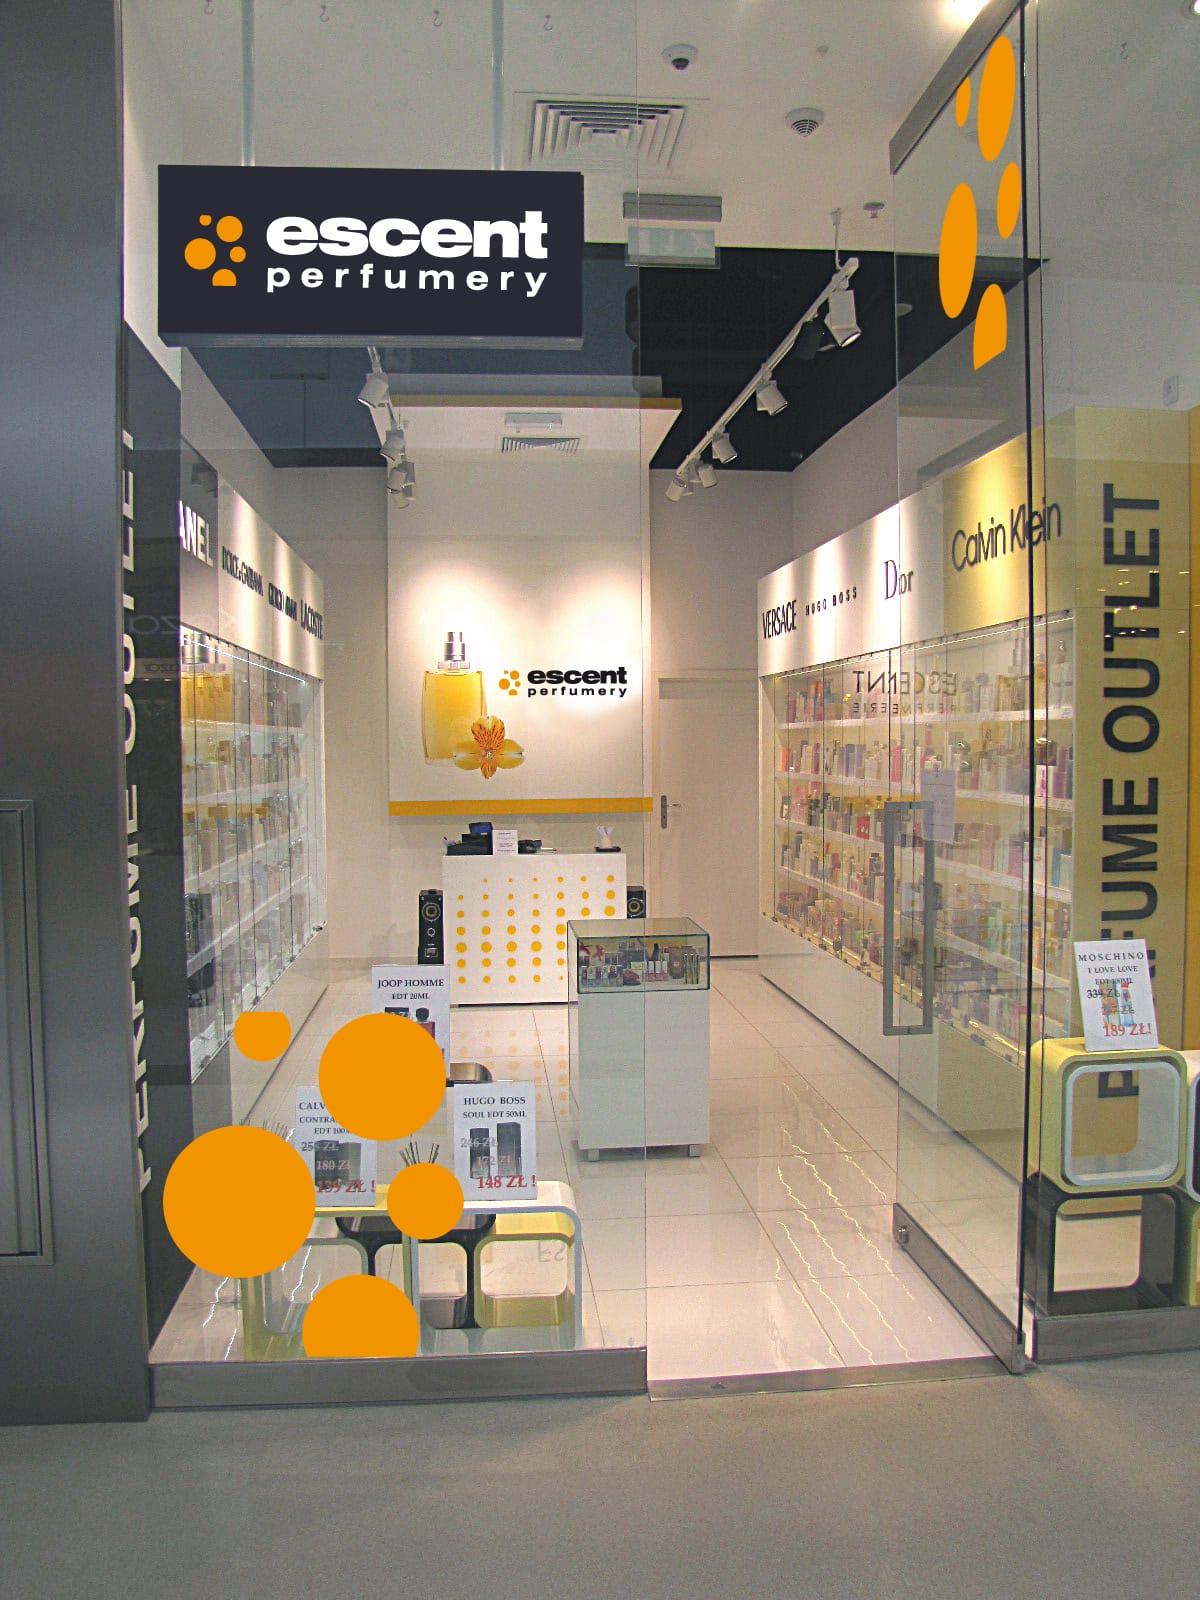 Escent Perfumery projektowanie logo firmy Agencja brandingowa Moweli Creative Dąbrowa Gornicza, Kraków, Wrocław, Gdańsk, Warszawa